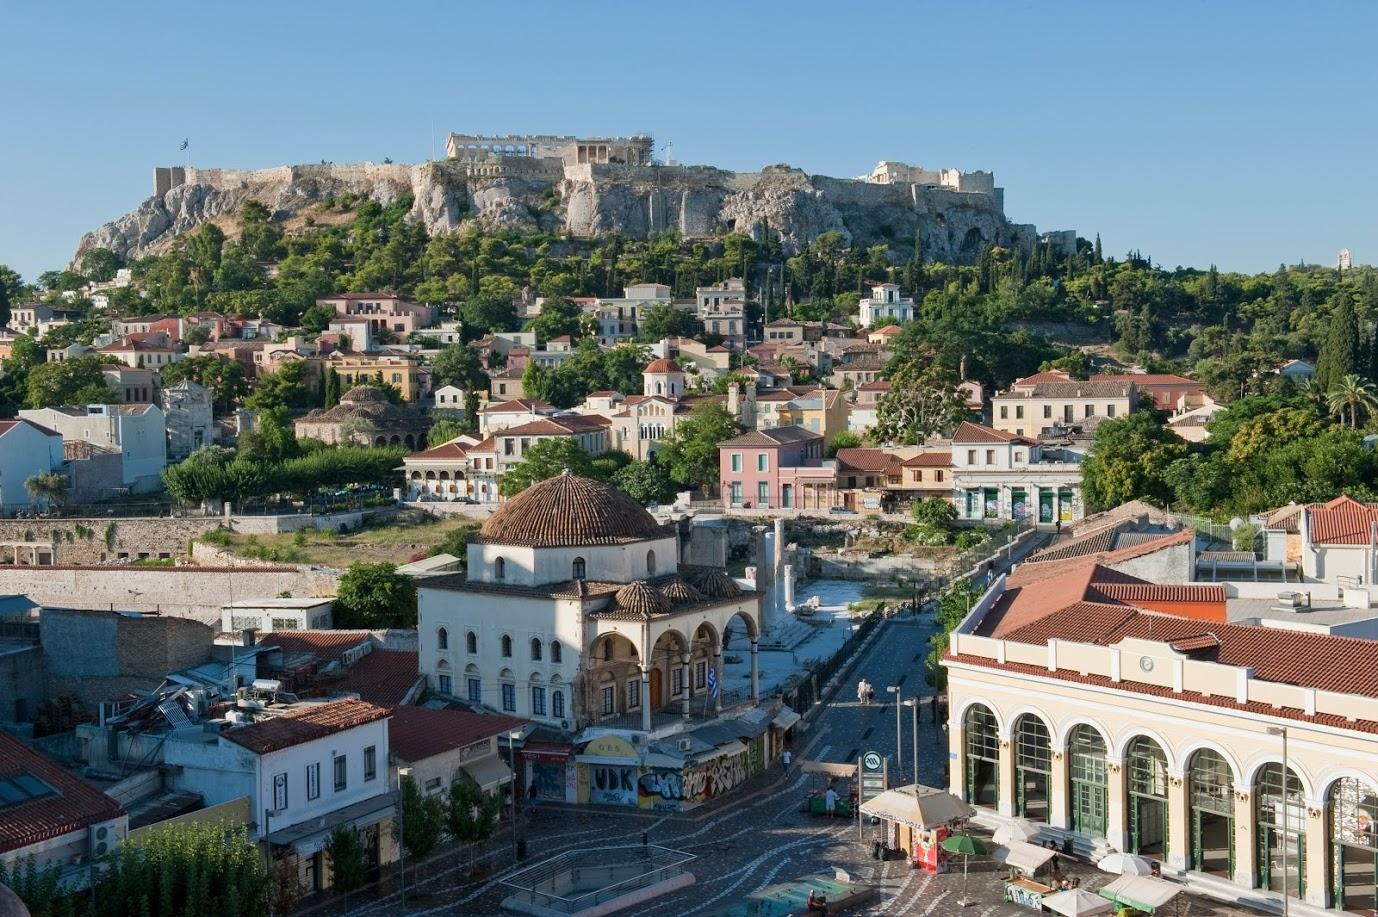 شهرهای معروف گردشگری ایتالیا